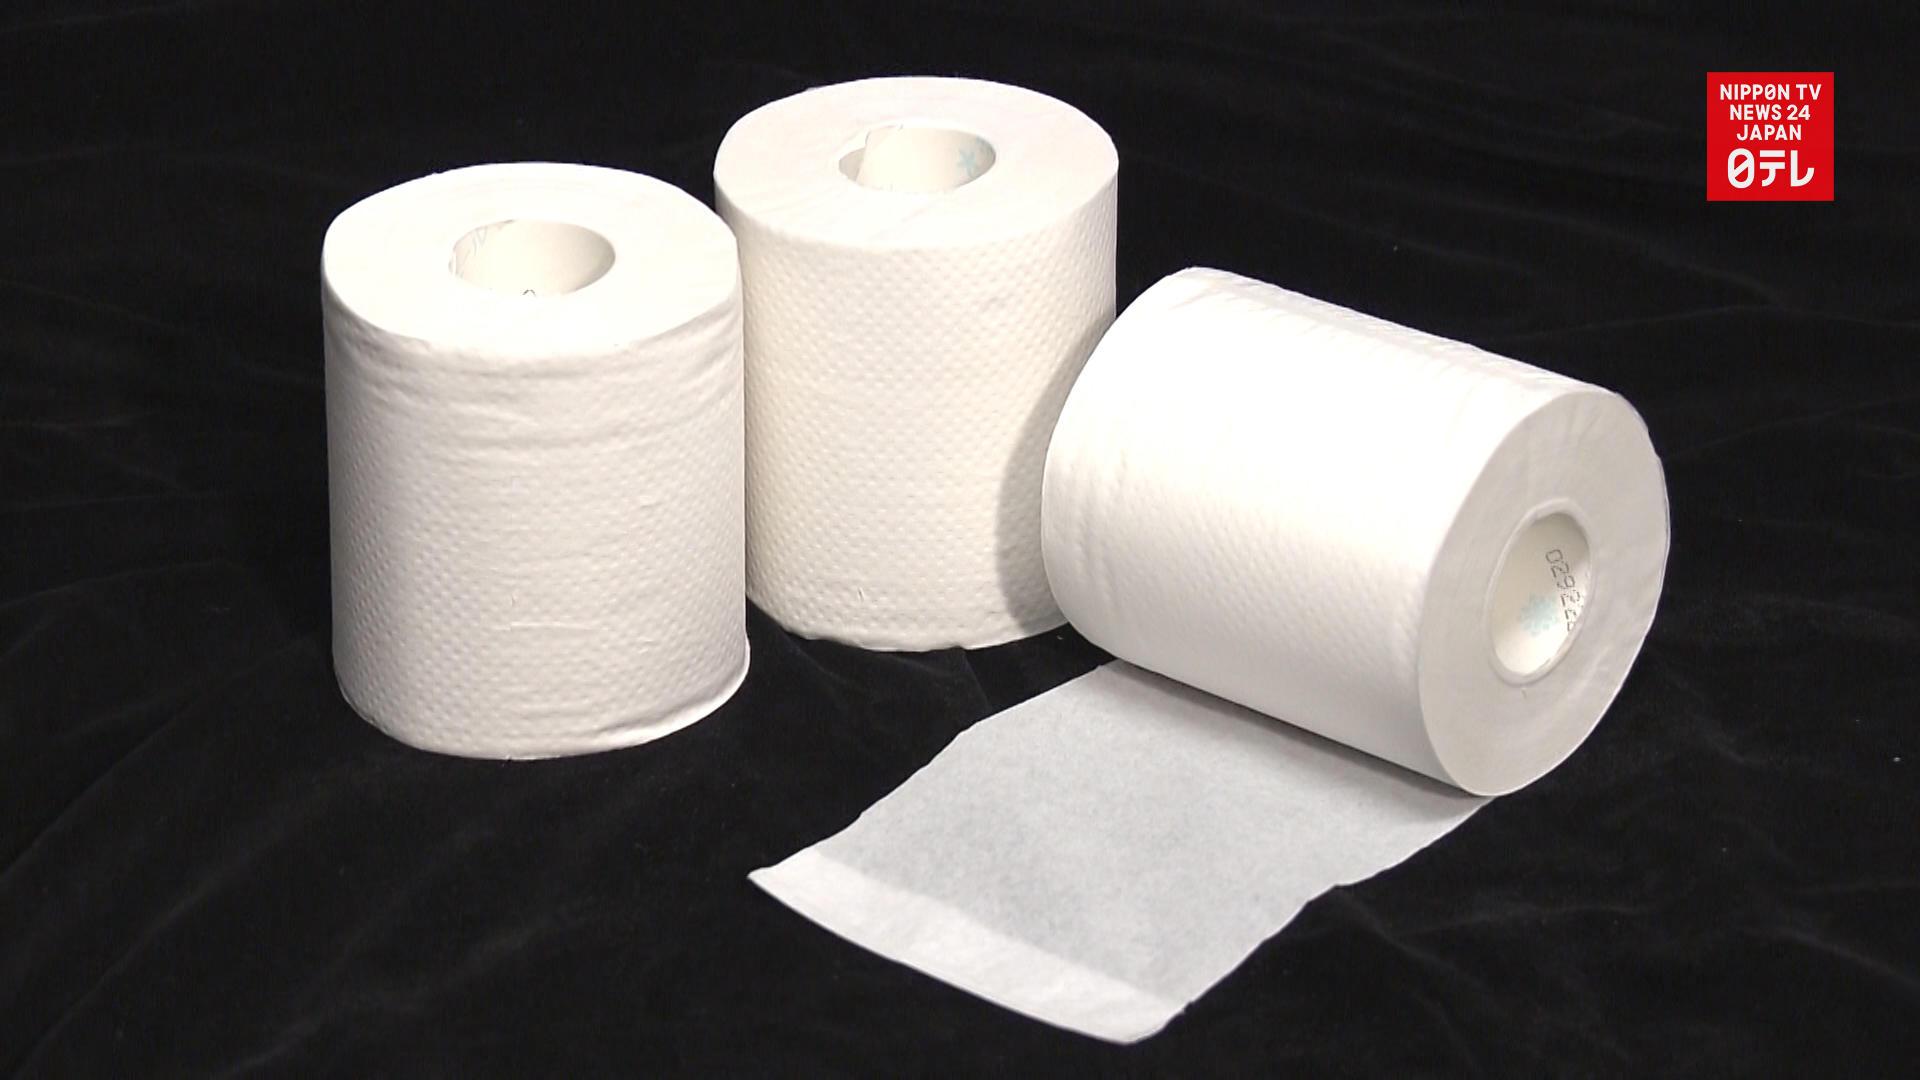 Govt: Japan has enough toilet paper